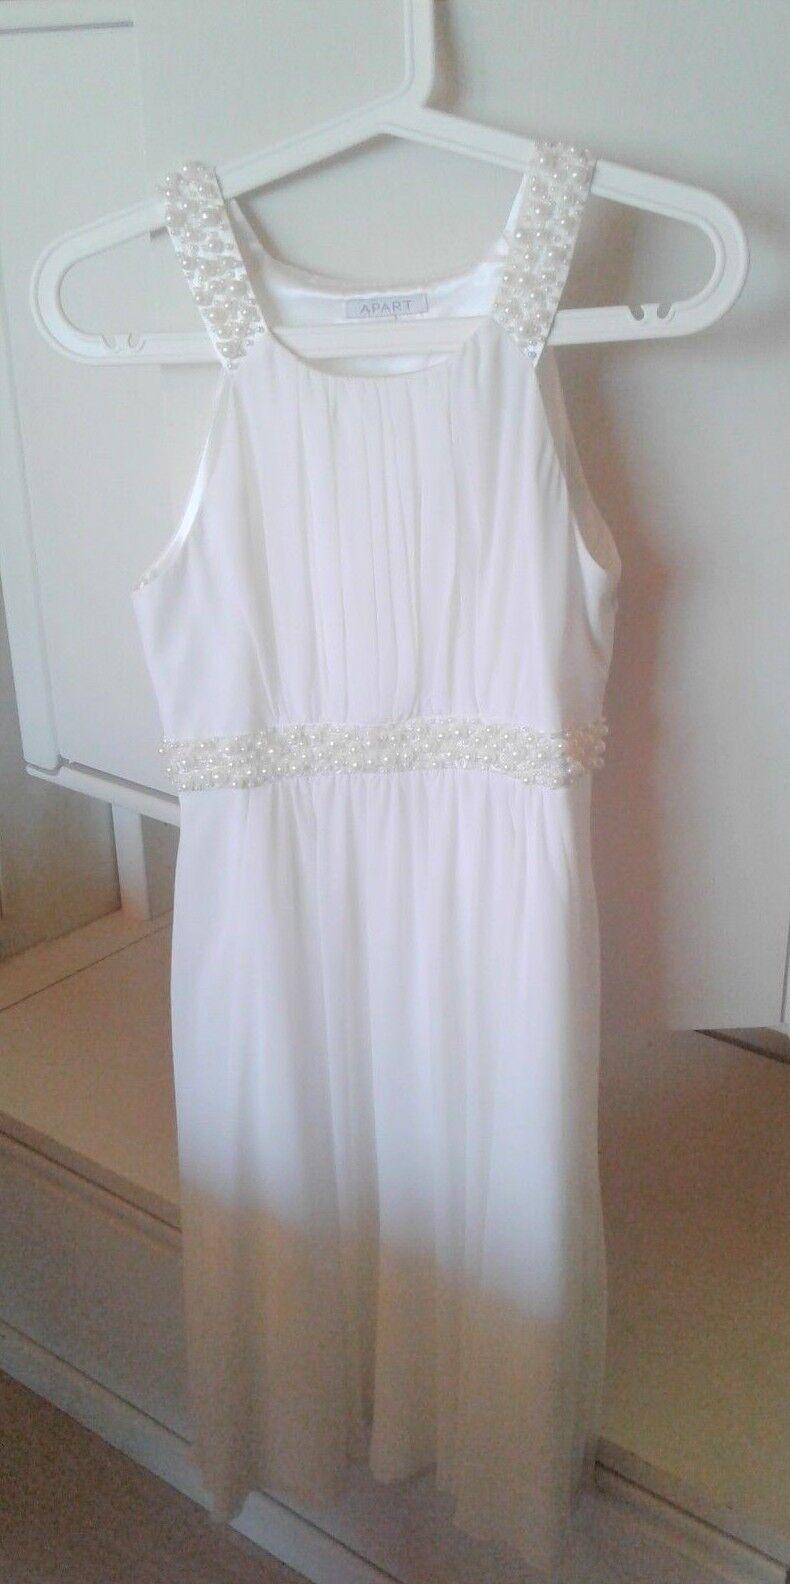 APART Kleid Abendkleid weiß Größe 34